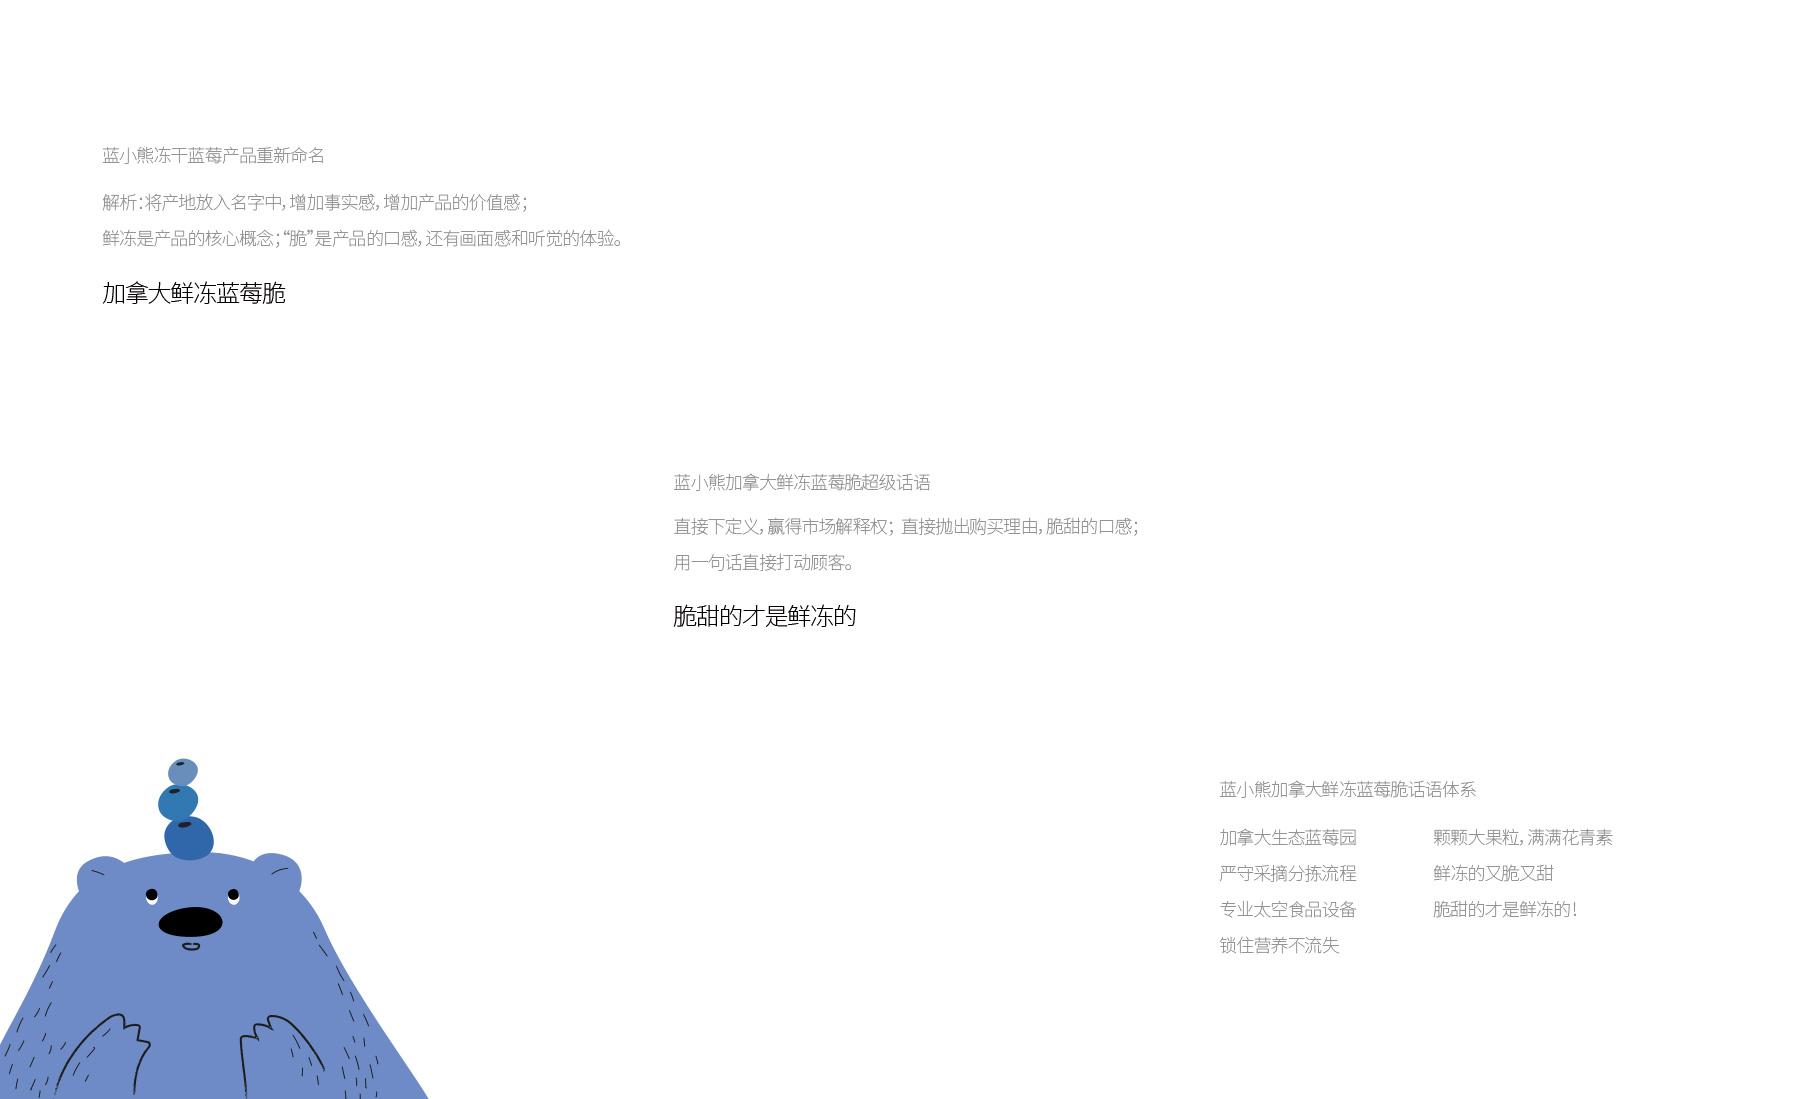 蓝小熊品牌策略设计